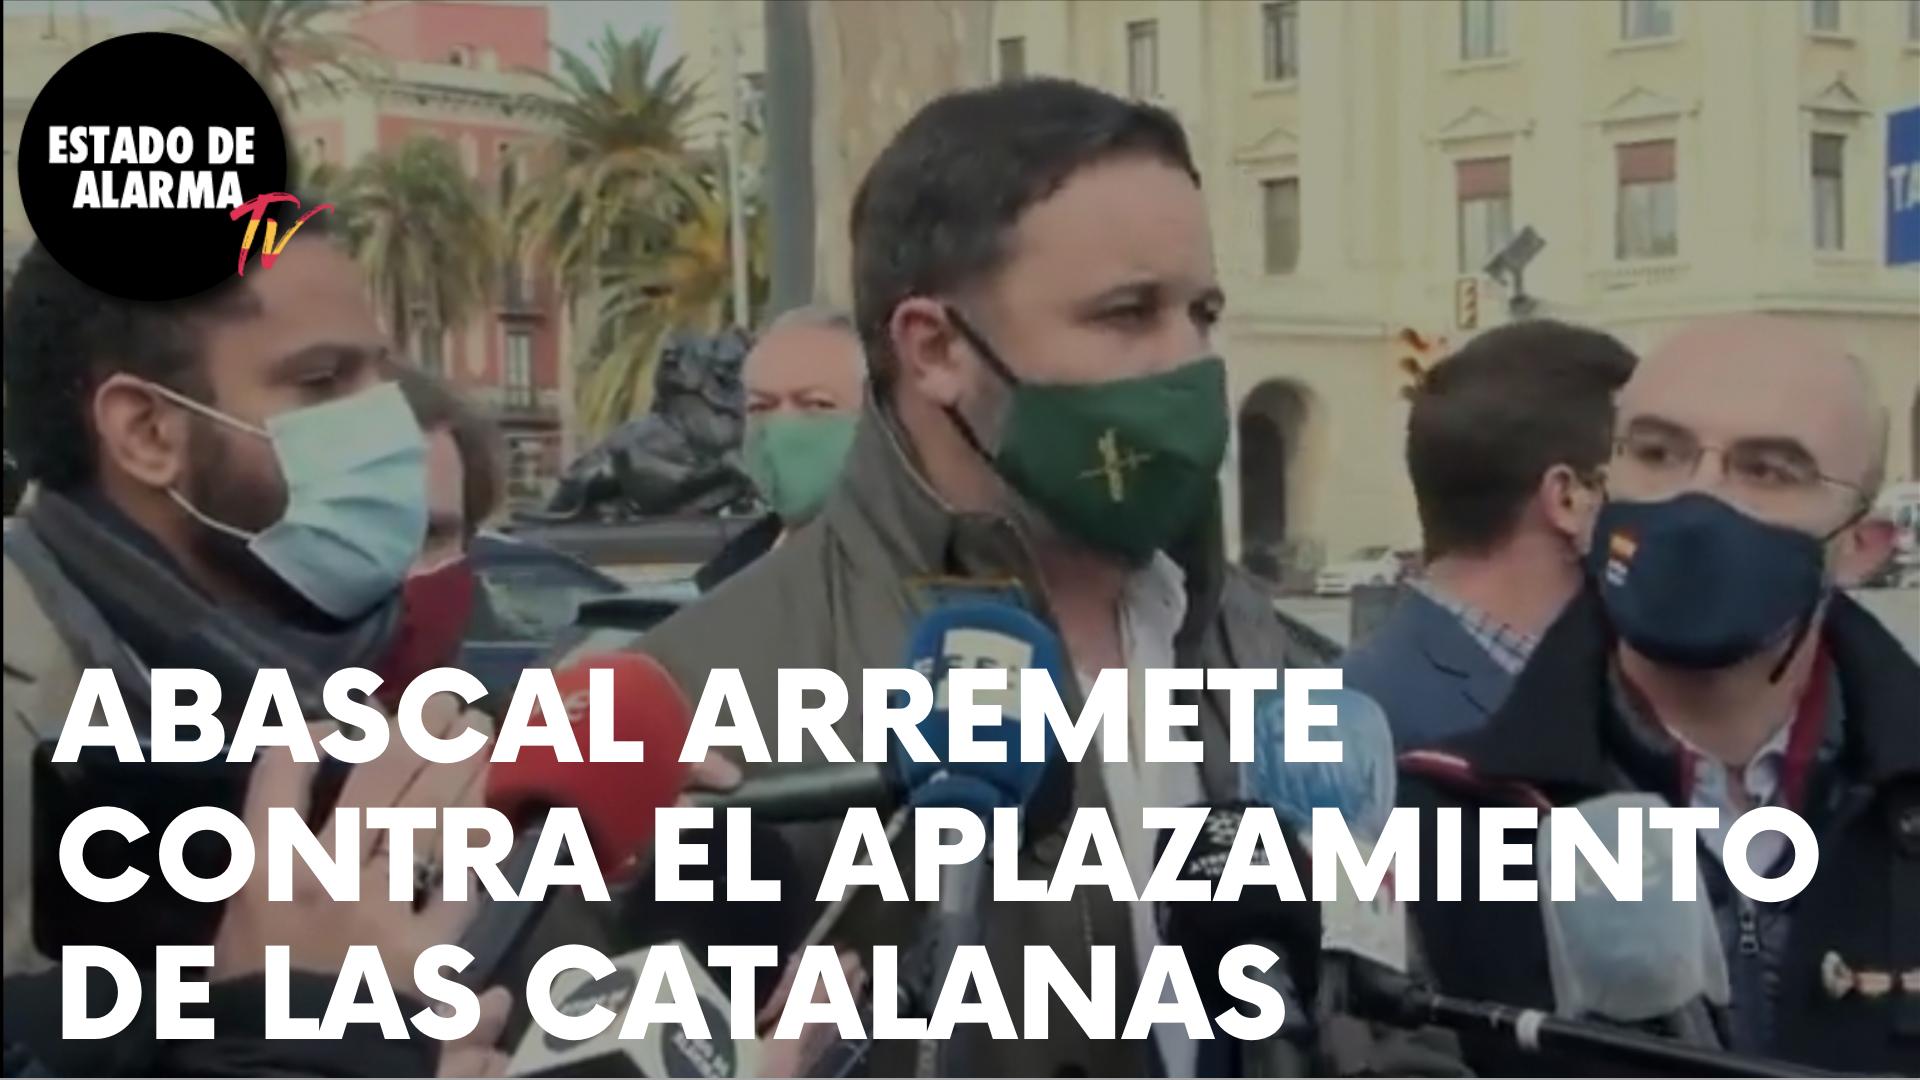 ABASCAL ARREMETE contra el APLAZAMIENTO ELECTORAL en CATALUÑA y ANUNCIA un RECURSO